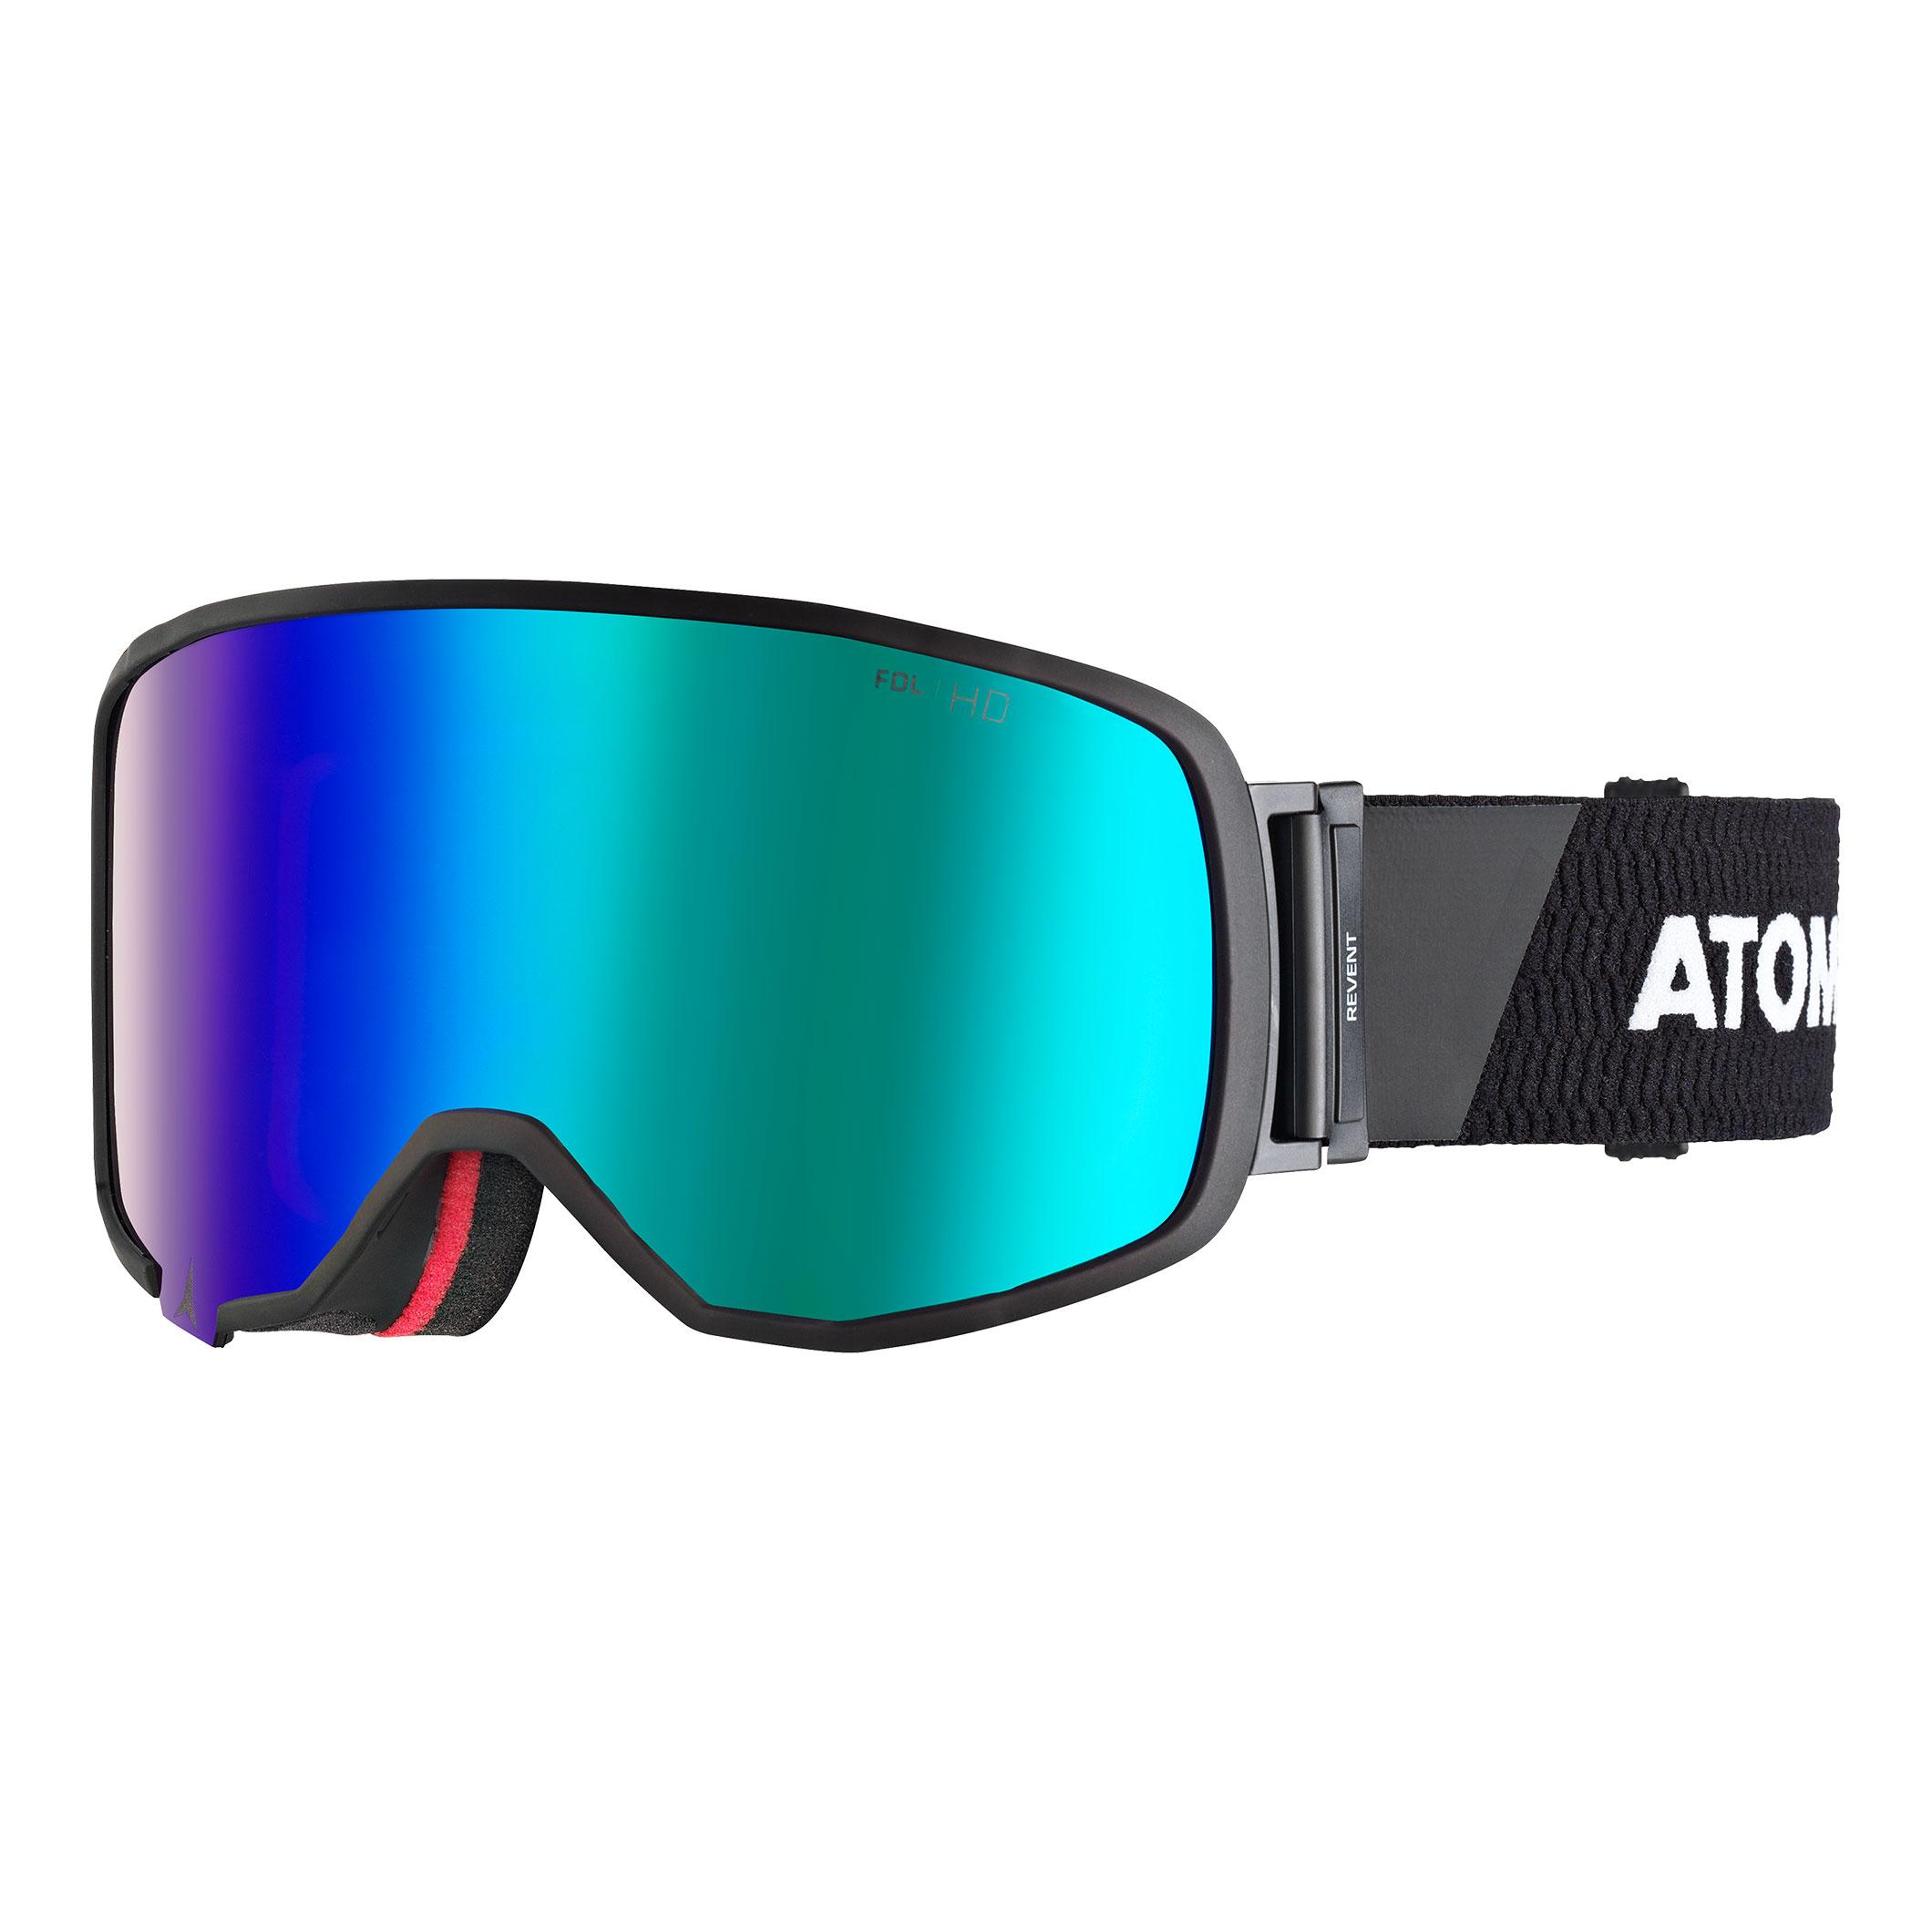 ATOMIC REVENT L RS FDL STEREO par Atomic (Lunettes de ski)ATOMIC REVENT L RS FDL STEREO par Atomic (Lunettes de ski)